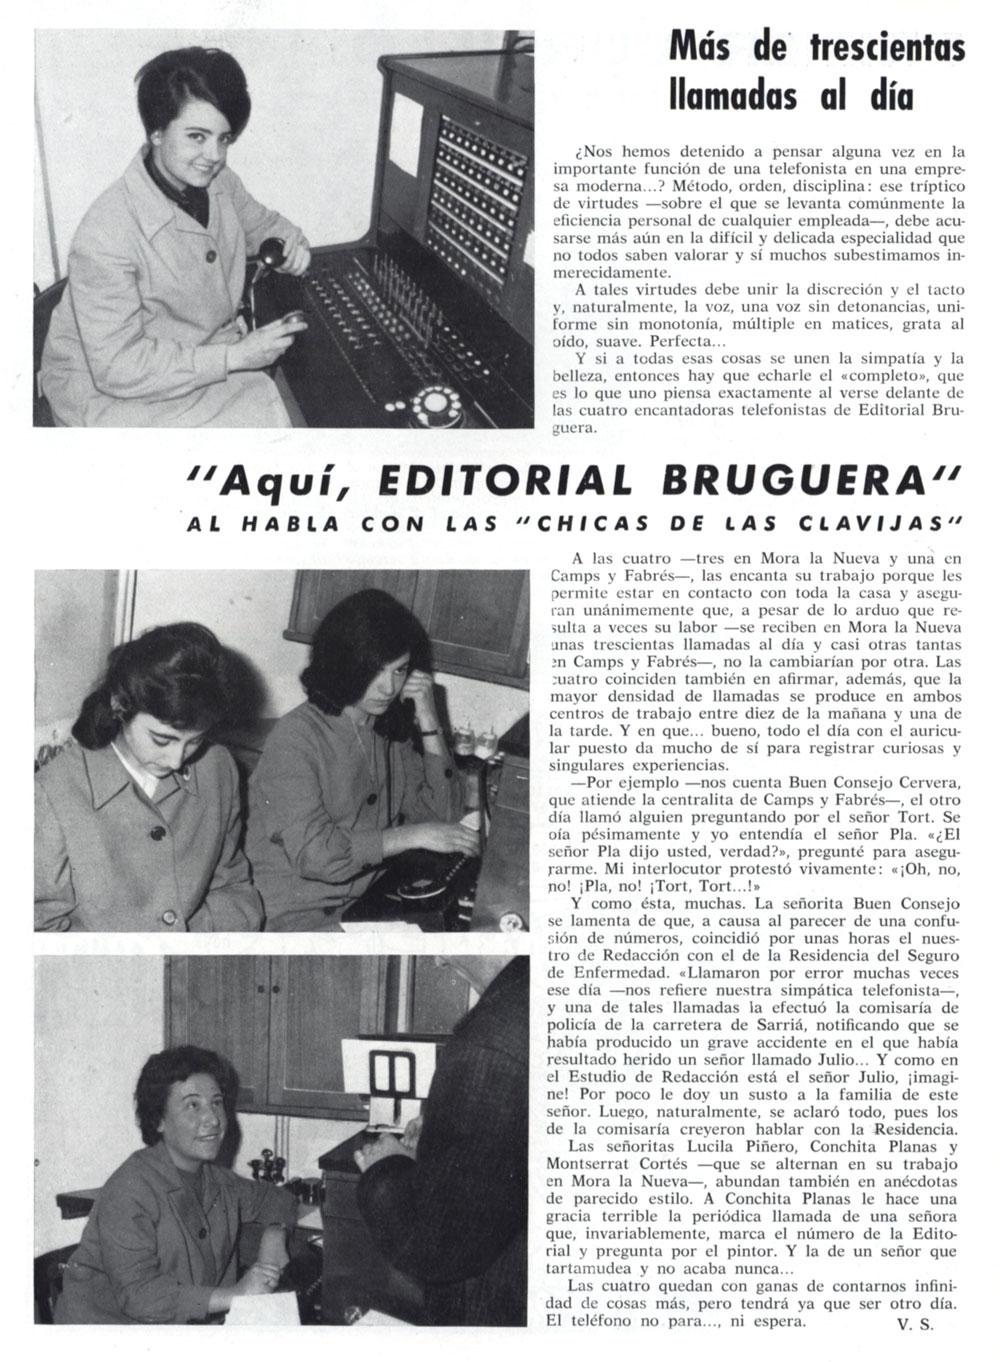 Enllaç al pdf: Aquí Editorial Bruguera